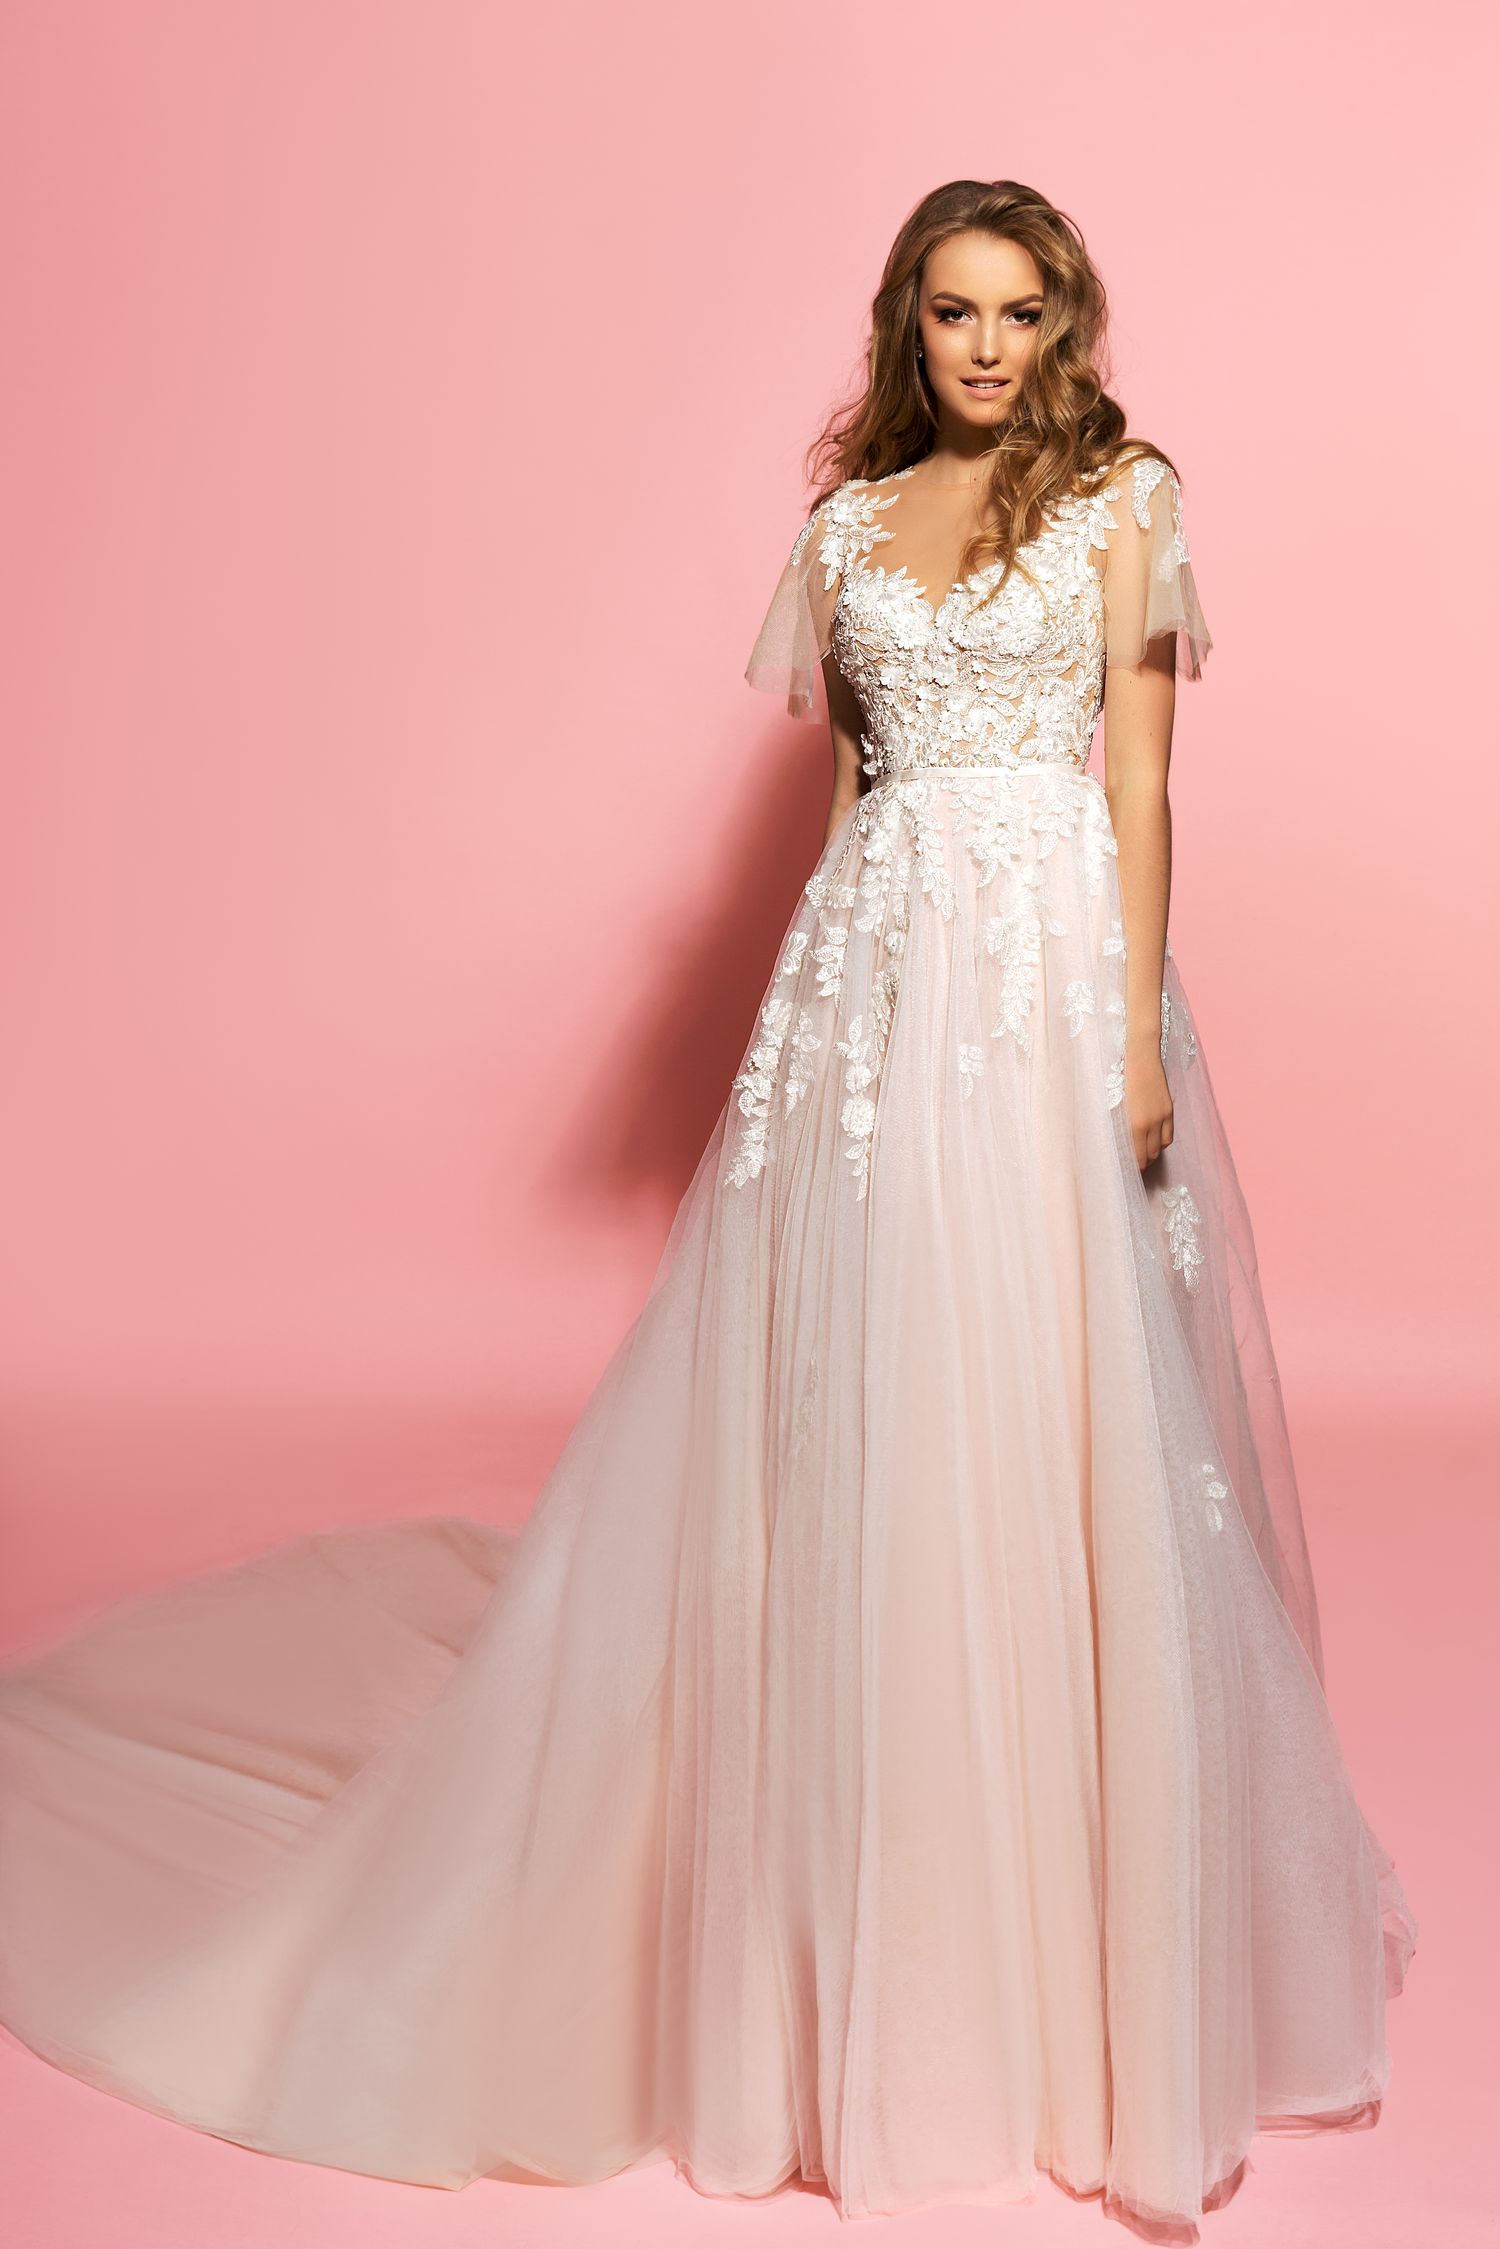 Eva Lendel Pink/Blush Weeding Dress - Samanta | Dream Wedding ...